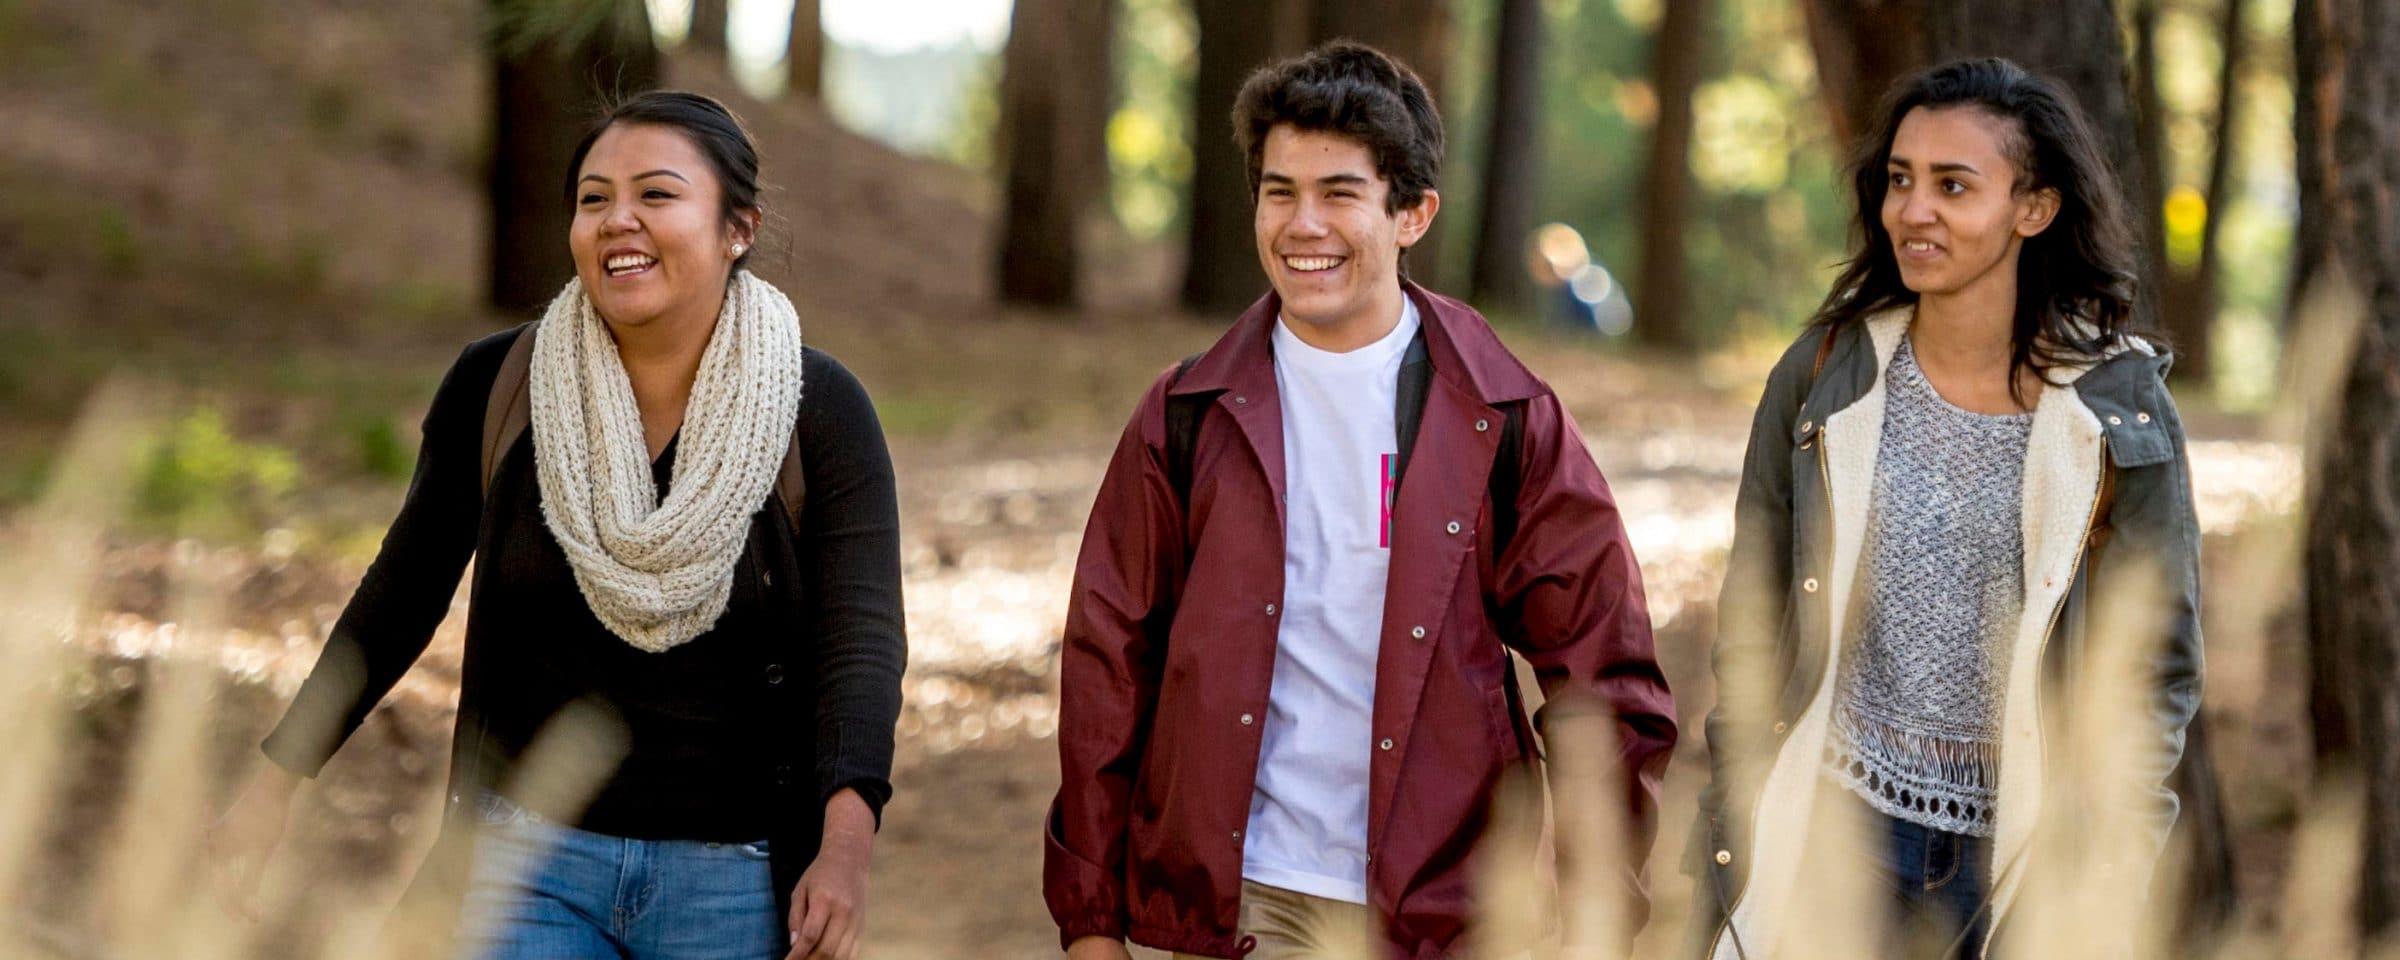 Students walking through NAU Campus.